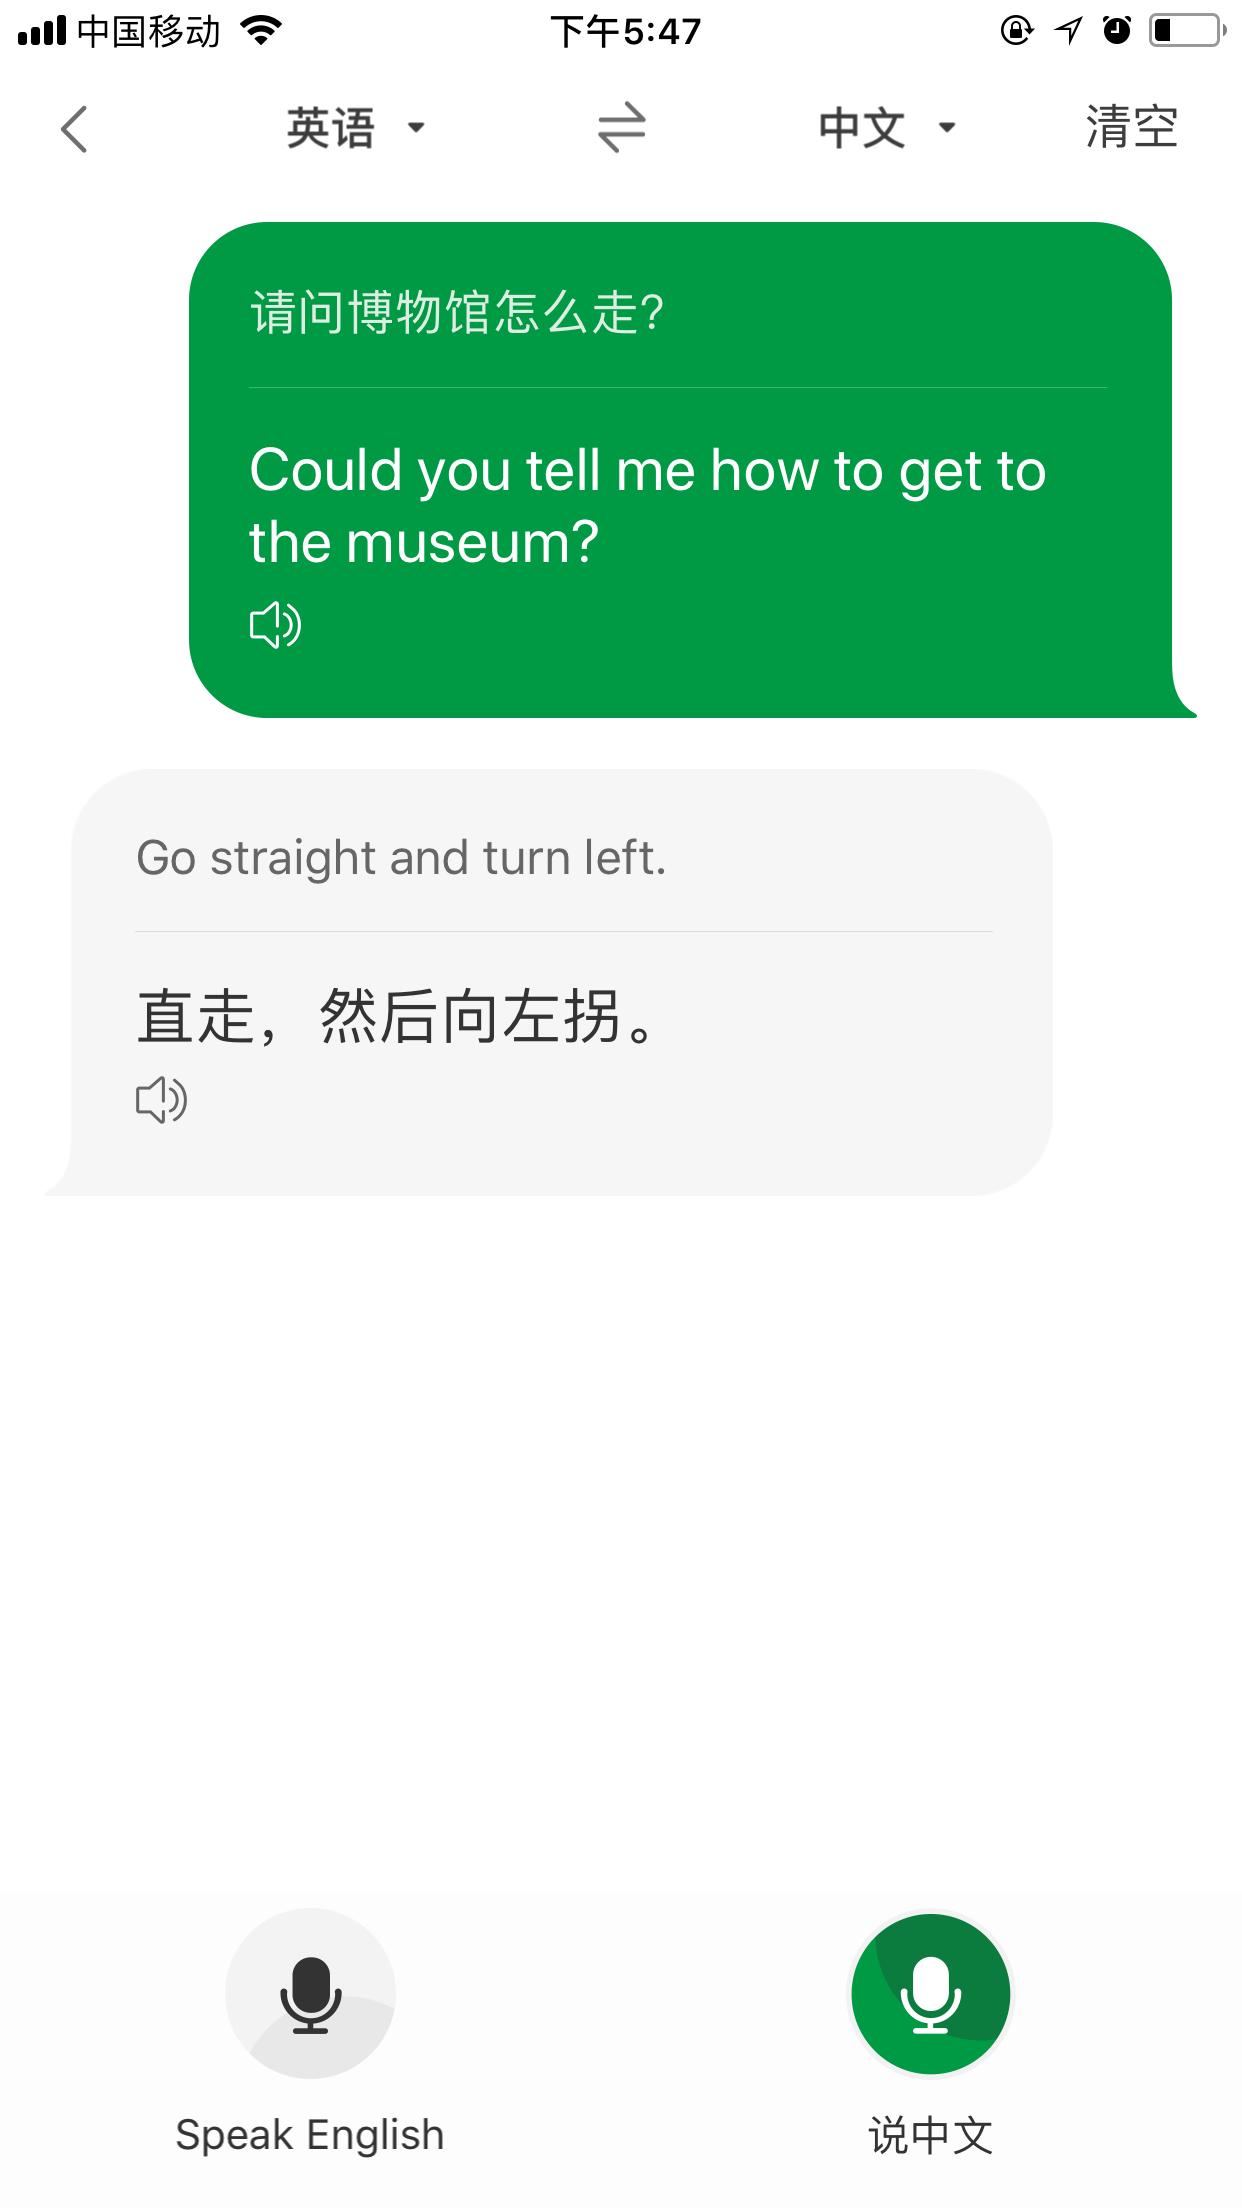 十一出境游迎高峰 必备清单怎能少了搜狗翻译App